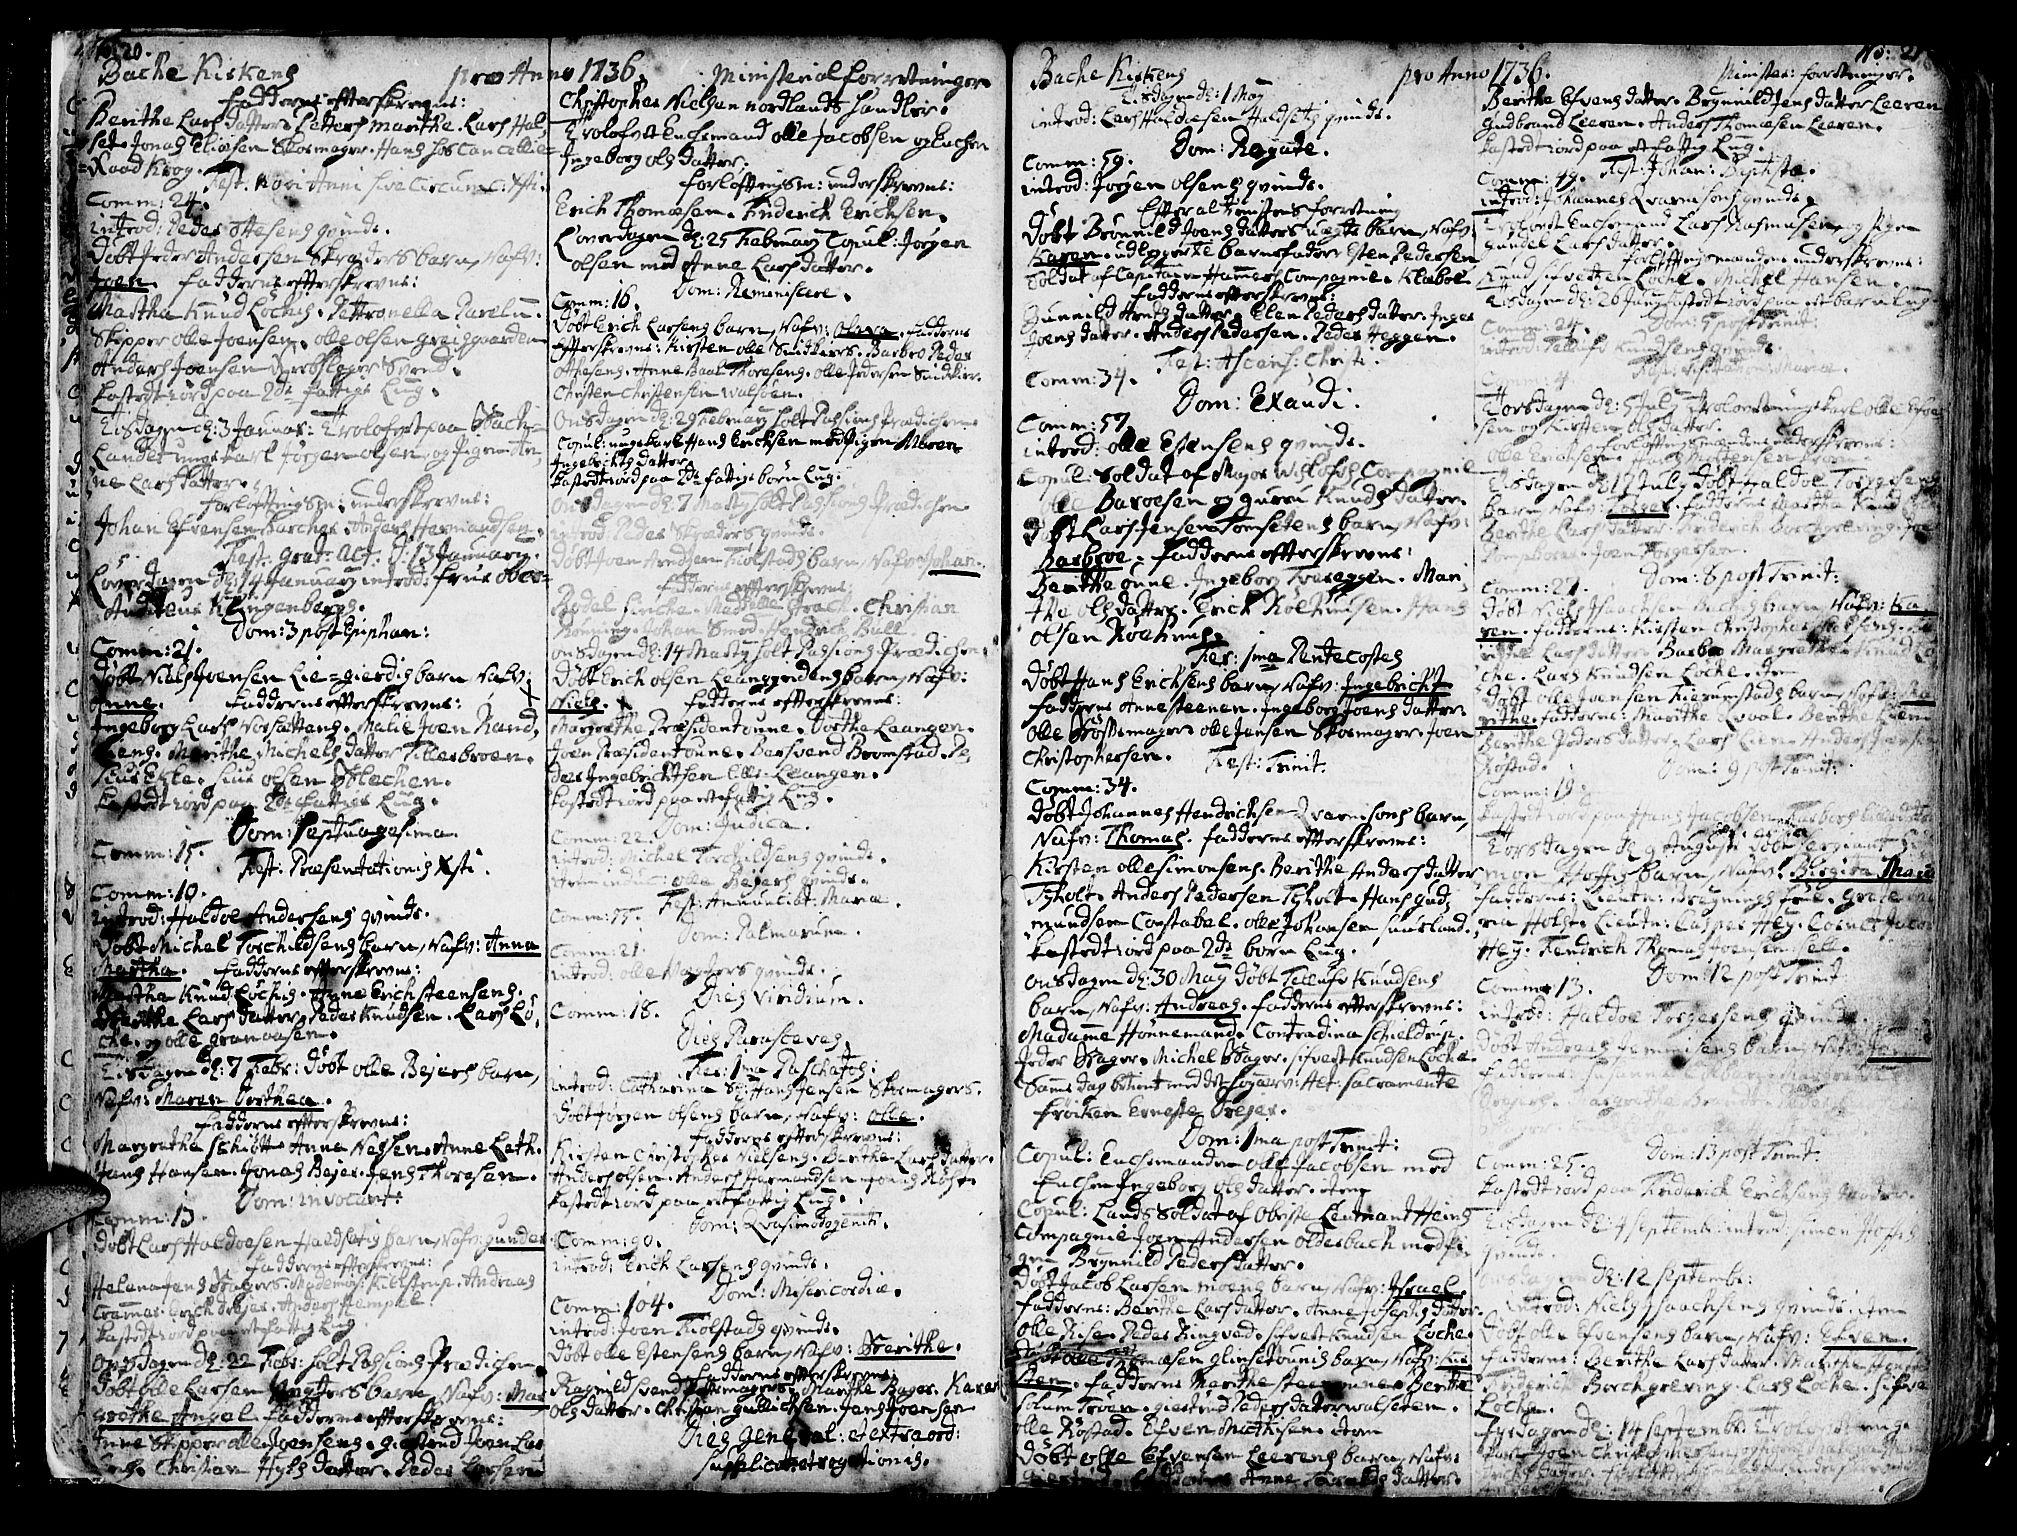 SAT, Ministerialprotokoller, klokkerbøker og fødselsregistre - Sør-Trøndelag, 606/L0276: Ministerialbok nr. 606A01 /2, 1727-1779, s. 20-21